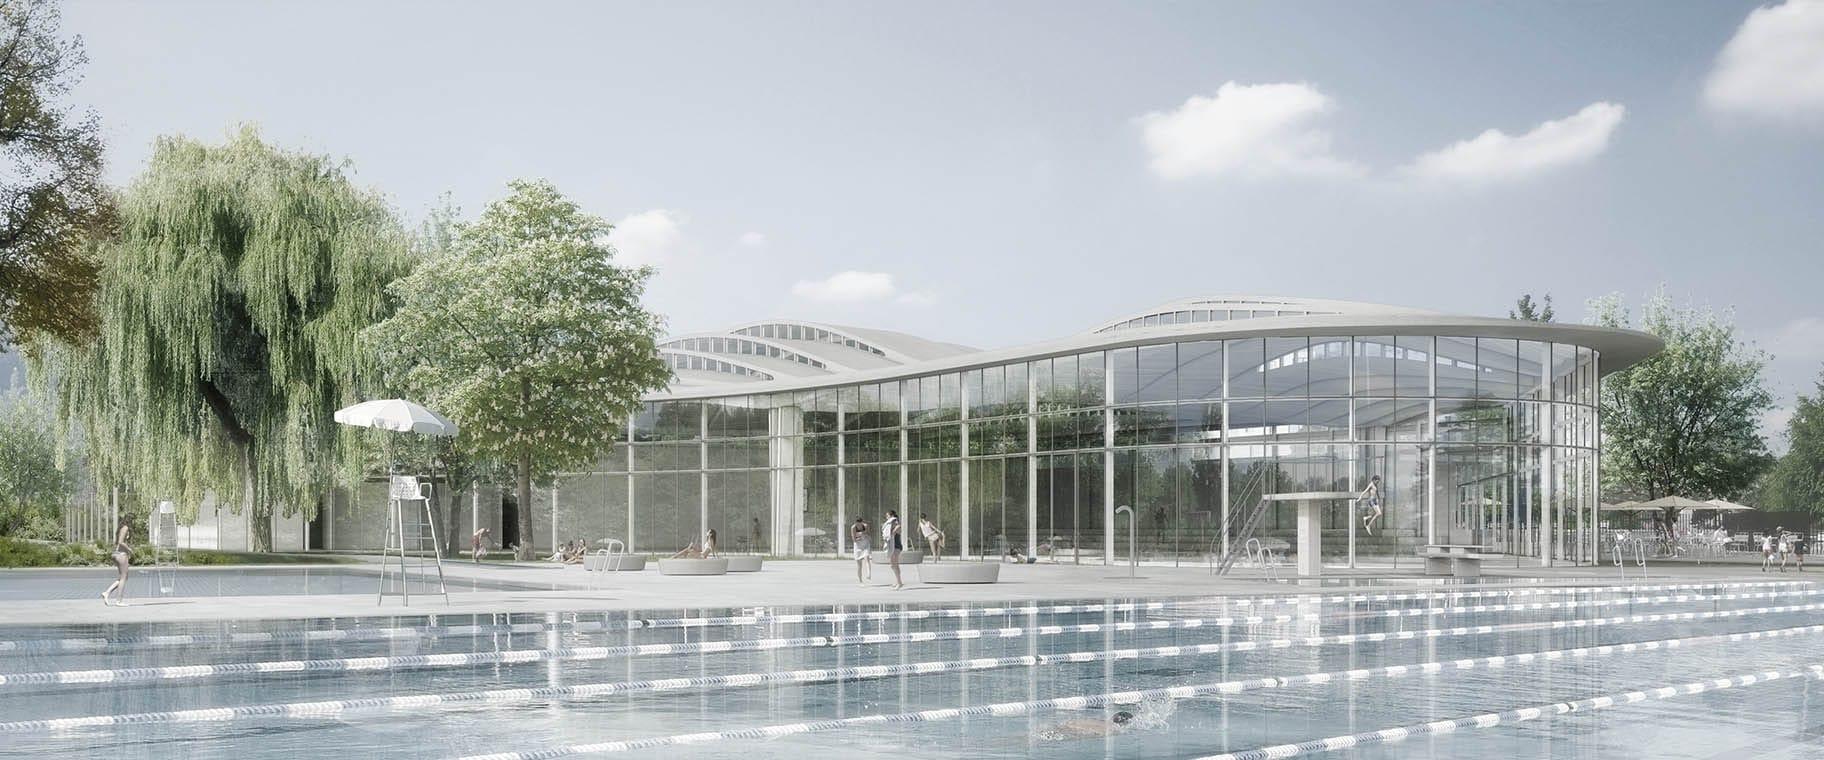 perspective-concours-piscine-fontenette-carouge-projet-vimade-architectes-paysagistes-collinfontaine-archigraphie-exterieur-parc